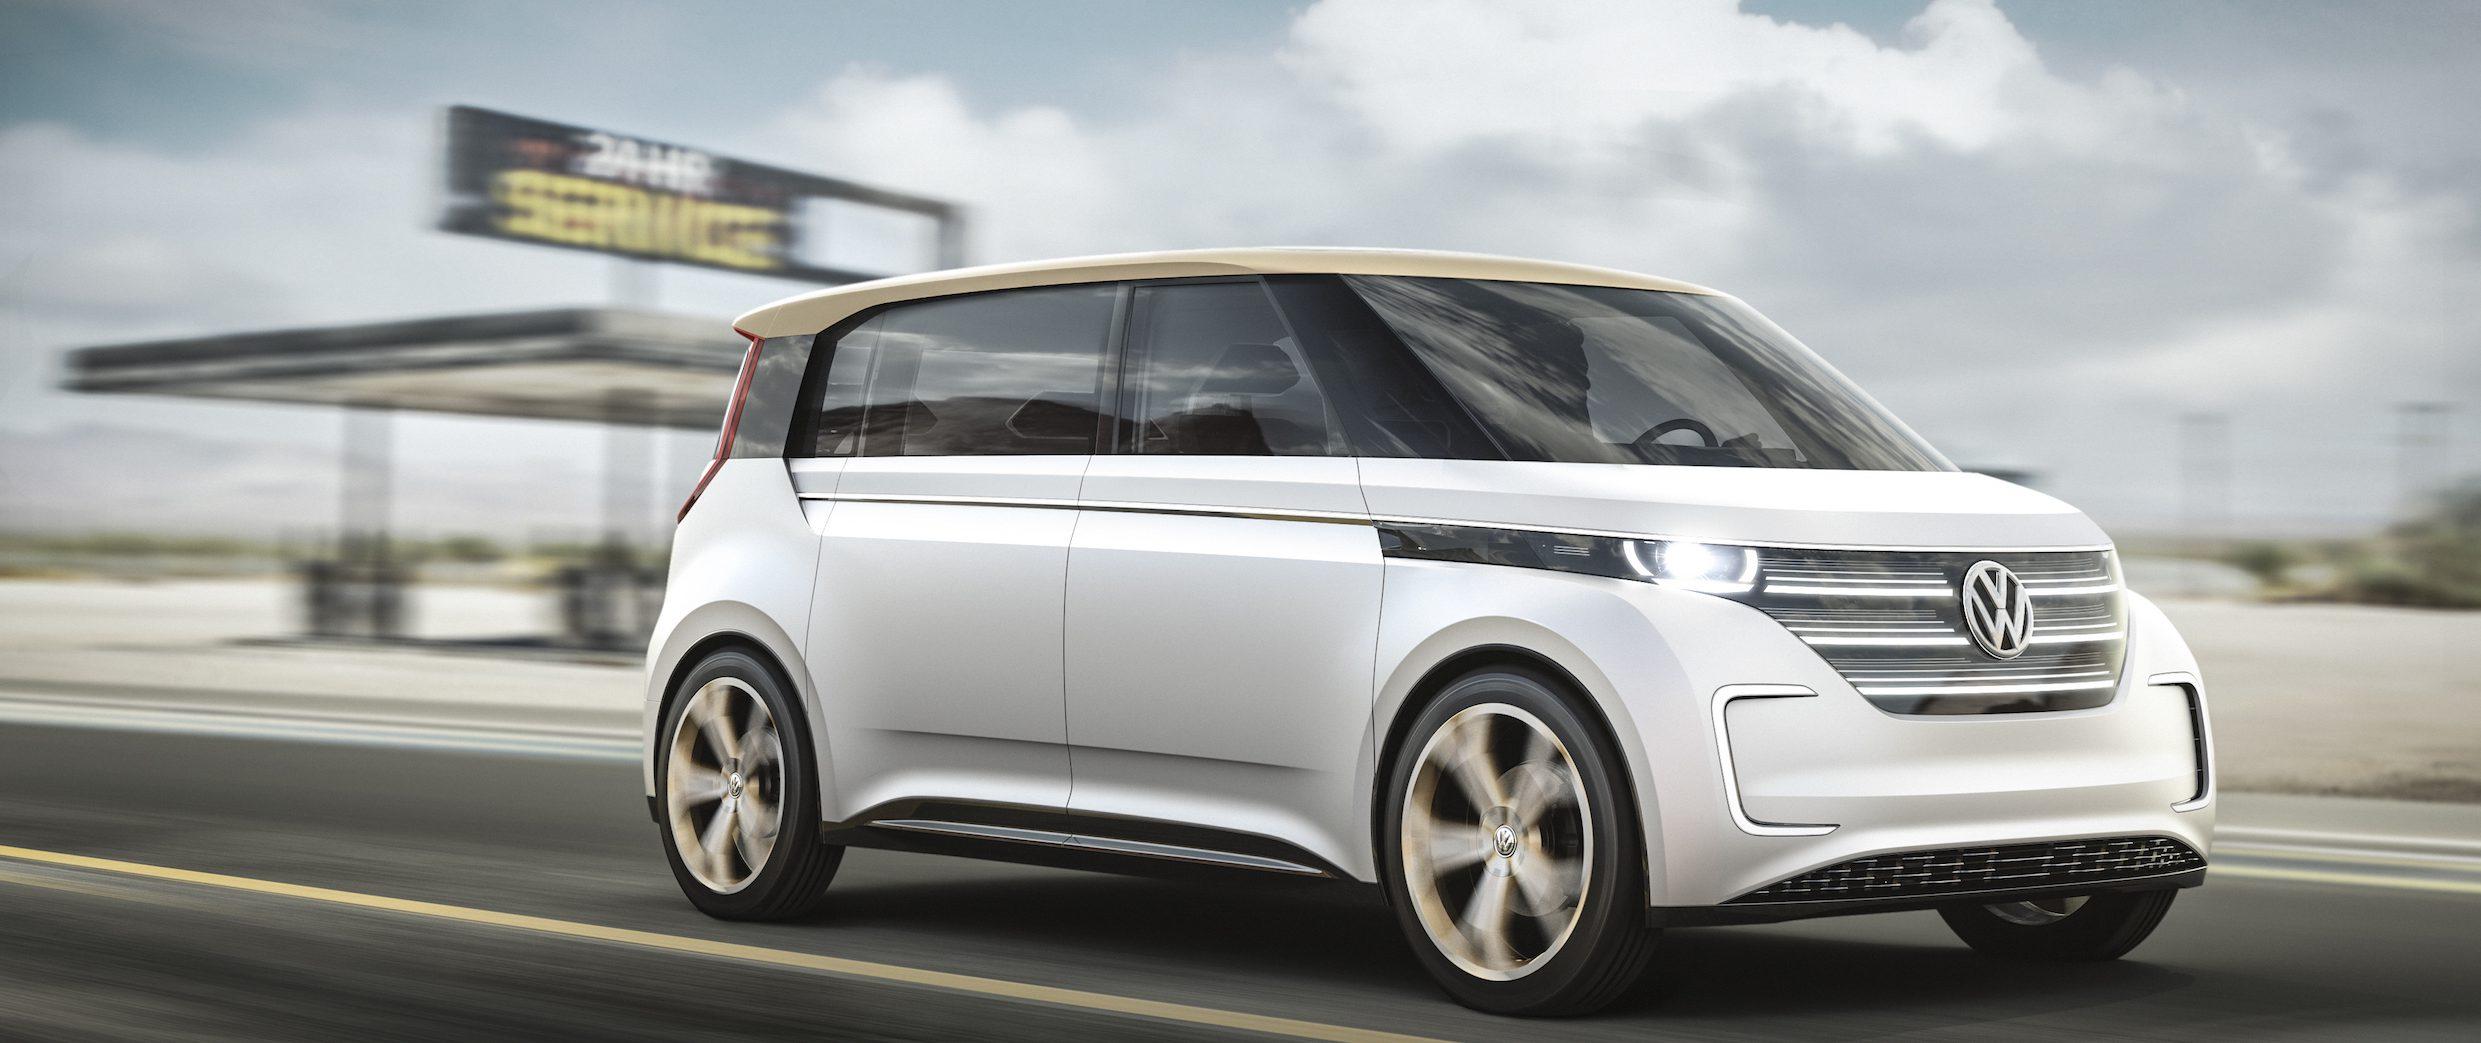 VW macht ernst: Nach Dieselgate kommt die Elektrifizierung